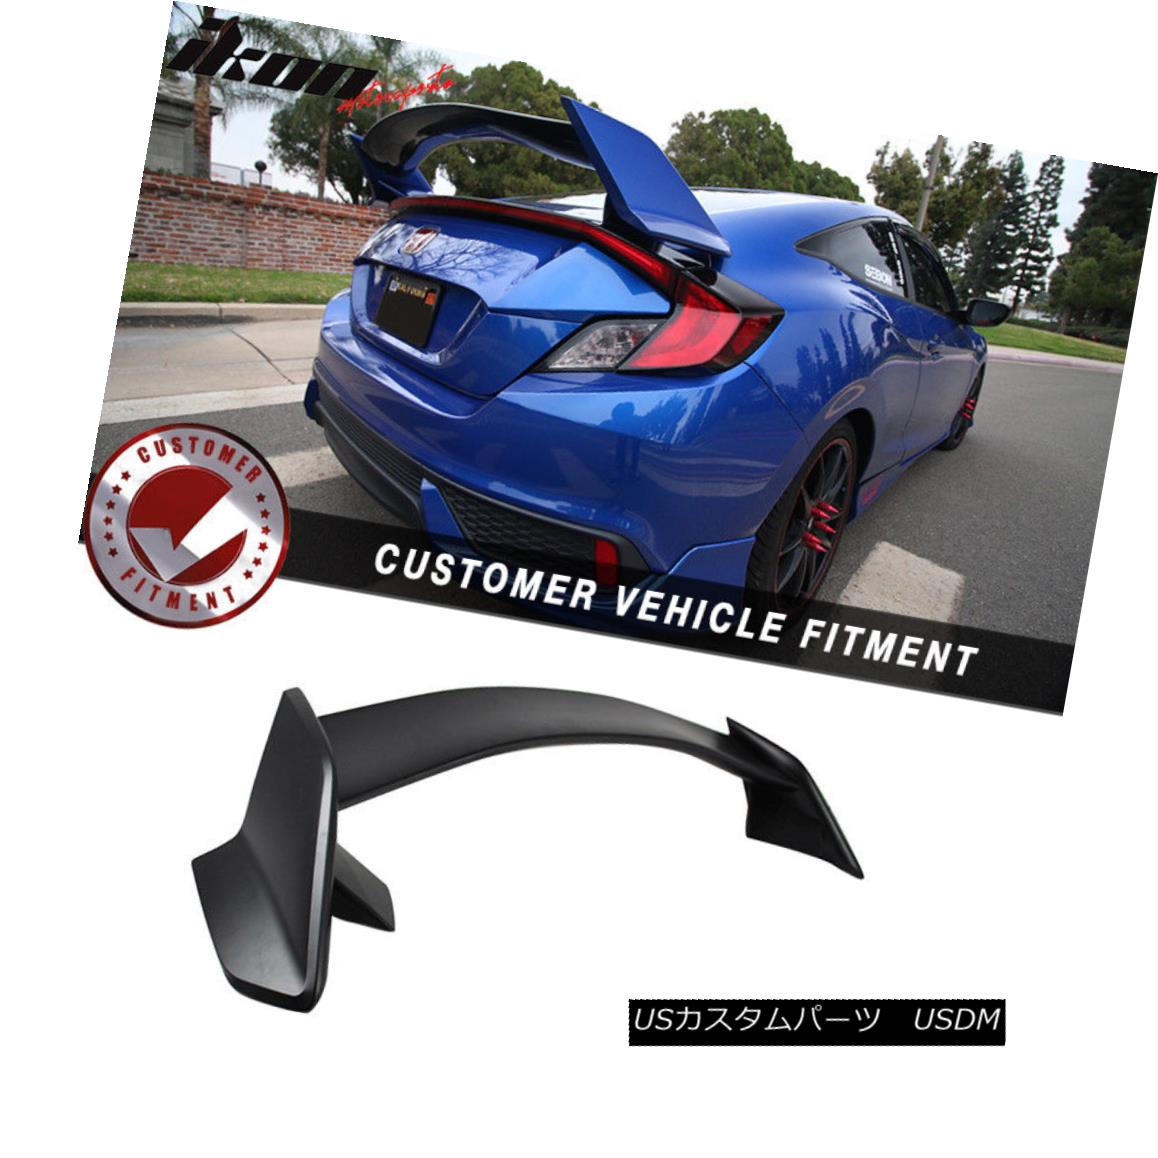 エアロパーツ 16-18 Honda Civic 10th Gen X Coupe 2Dr Type-R Unpainted Trunk Spoiler - ABS 16-18ホンダシビック第10世代Xクーペ2Drタイプ-R無塗装トランクスポイラー - ABS